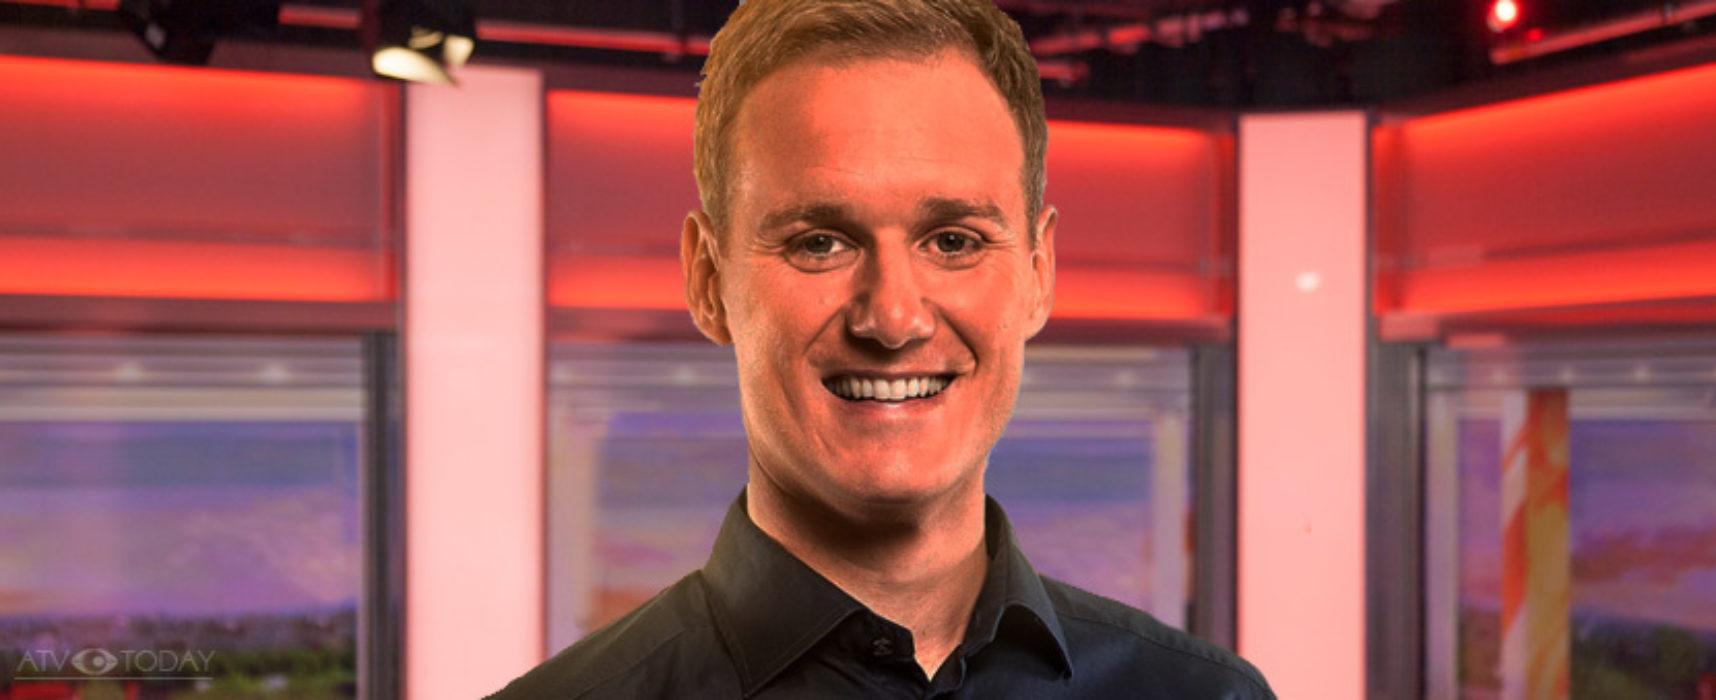 Dan Walker joins BBC Breakfast